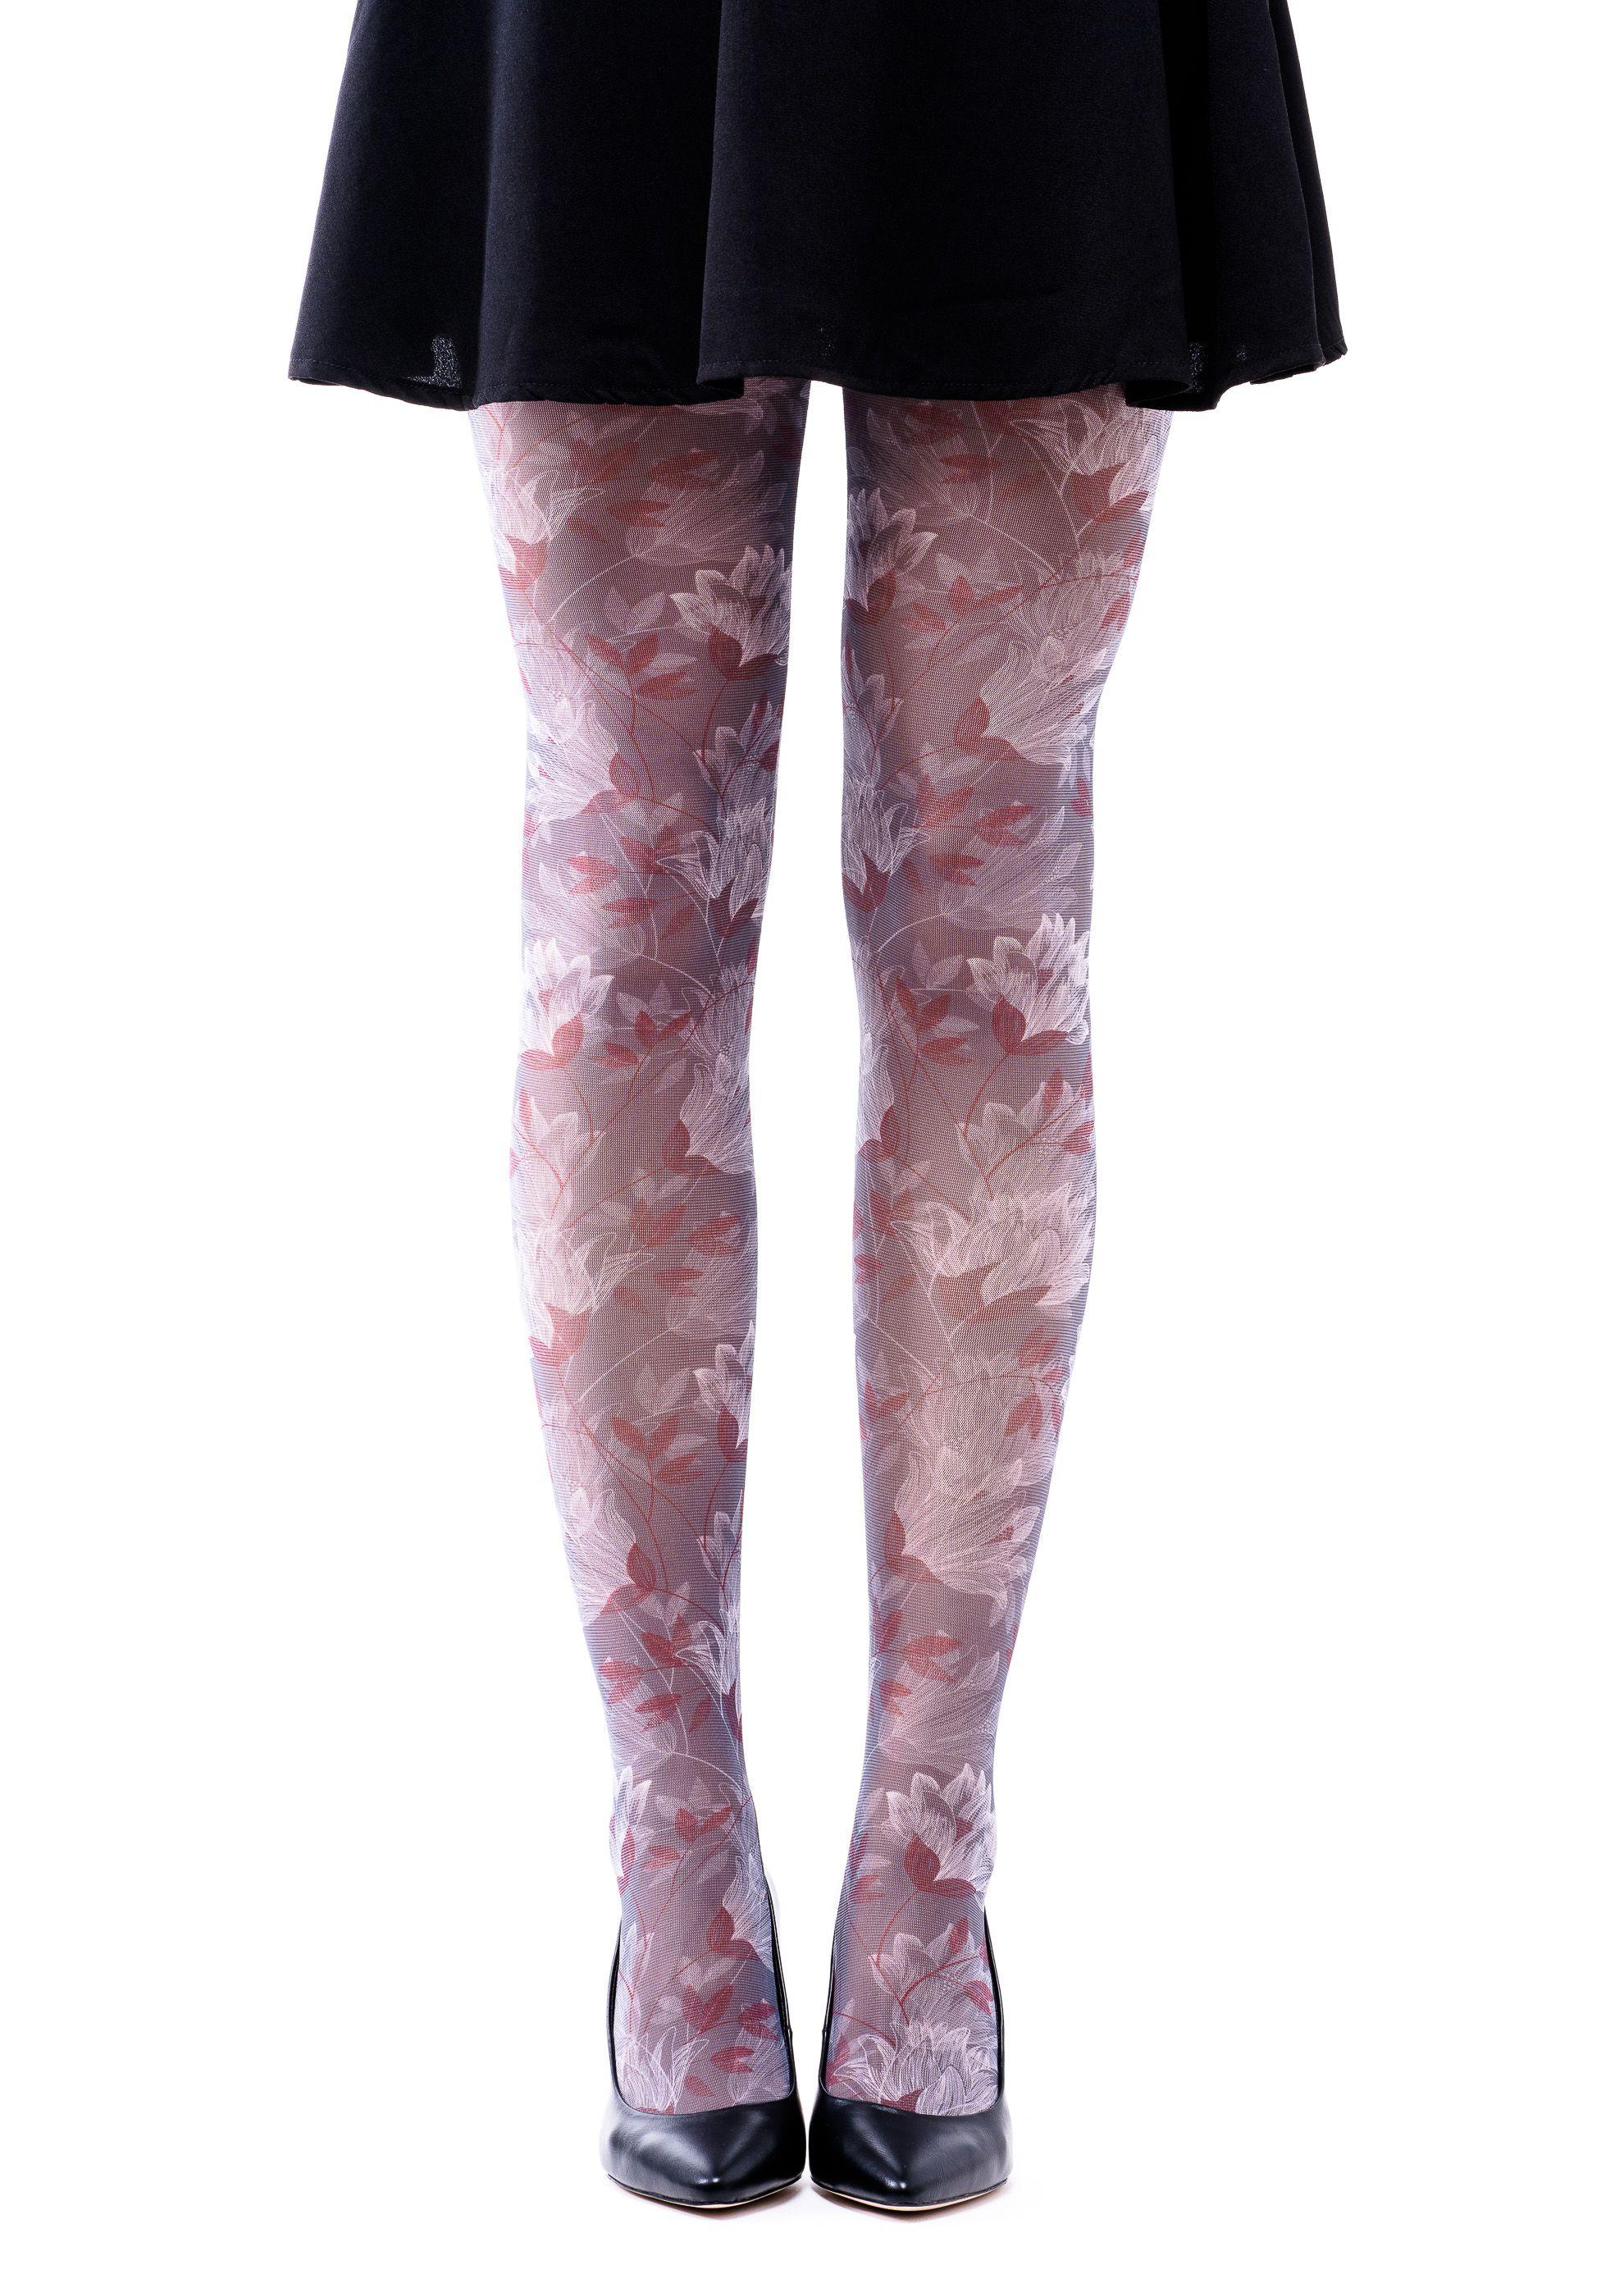 6624e1e4e2fd8 Nika Full-Leg Model Tights - Romantic Flowers in 2018   Nika-F ...